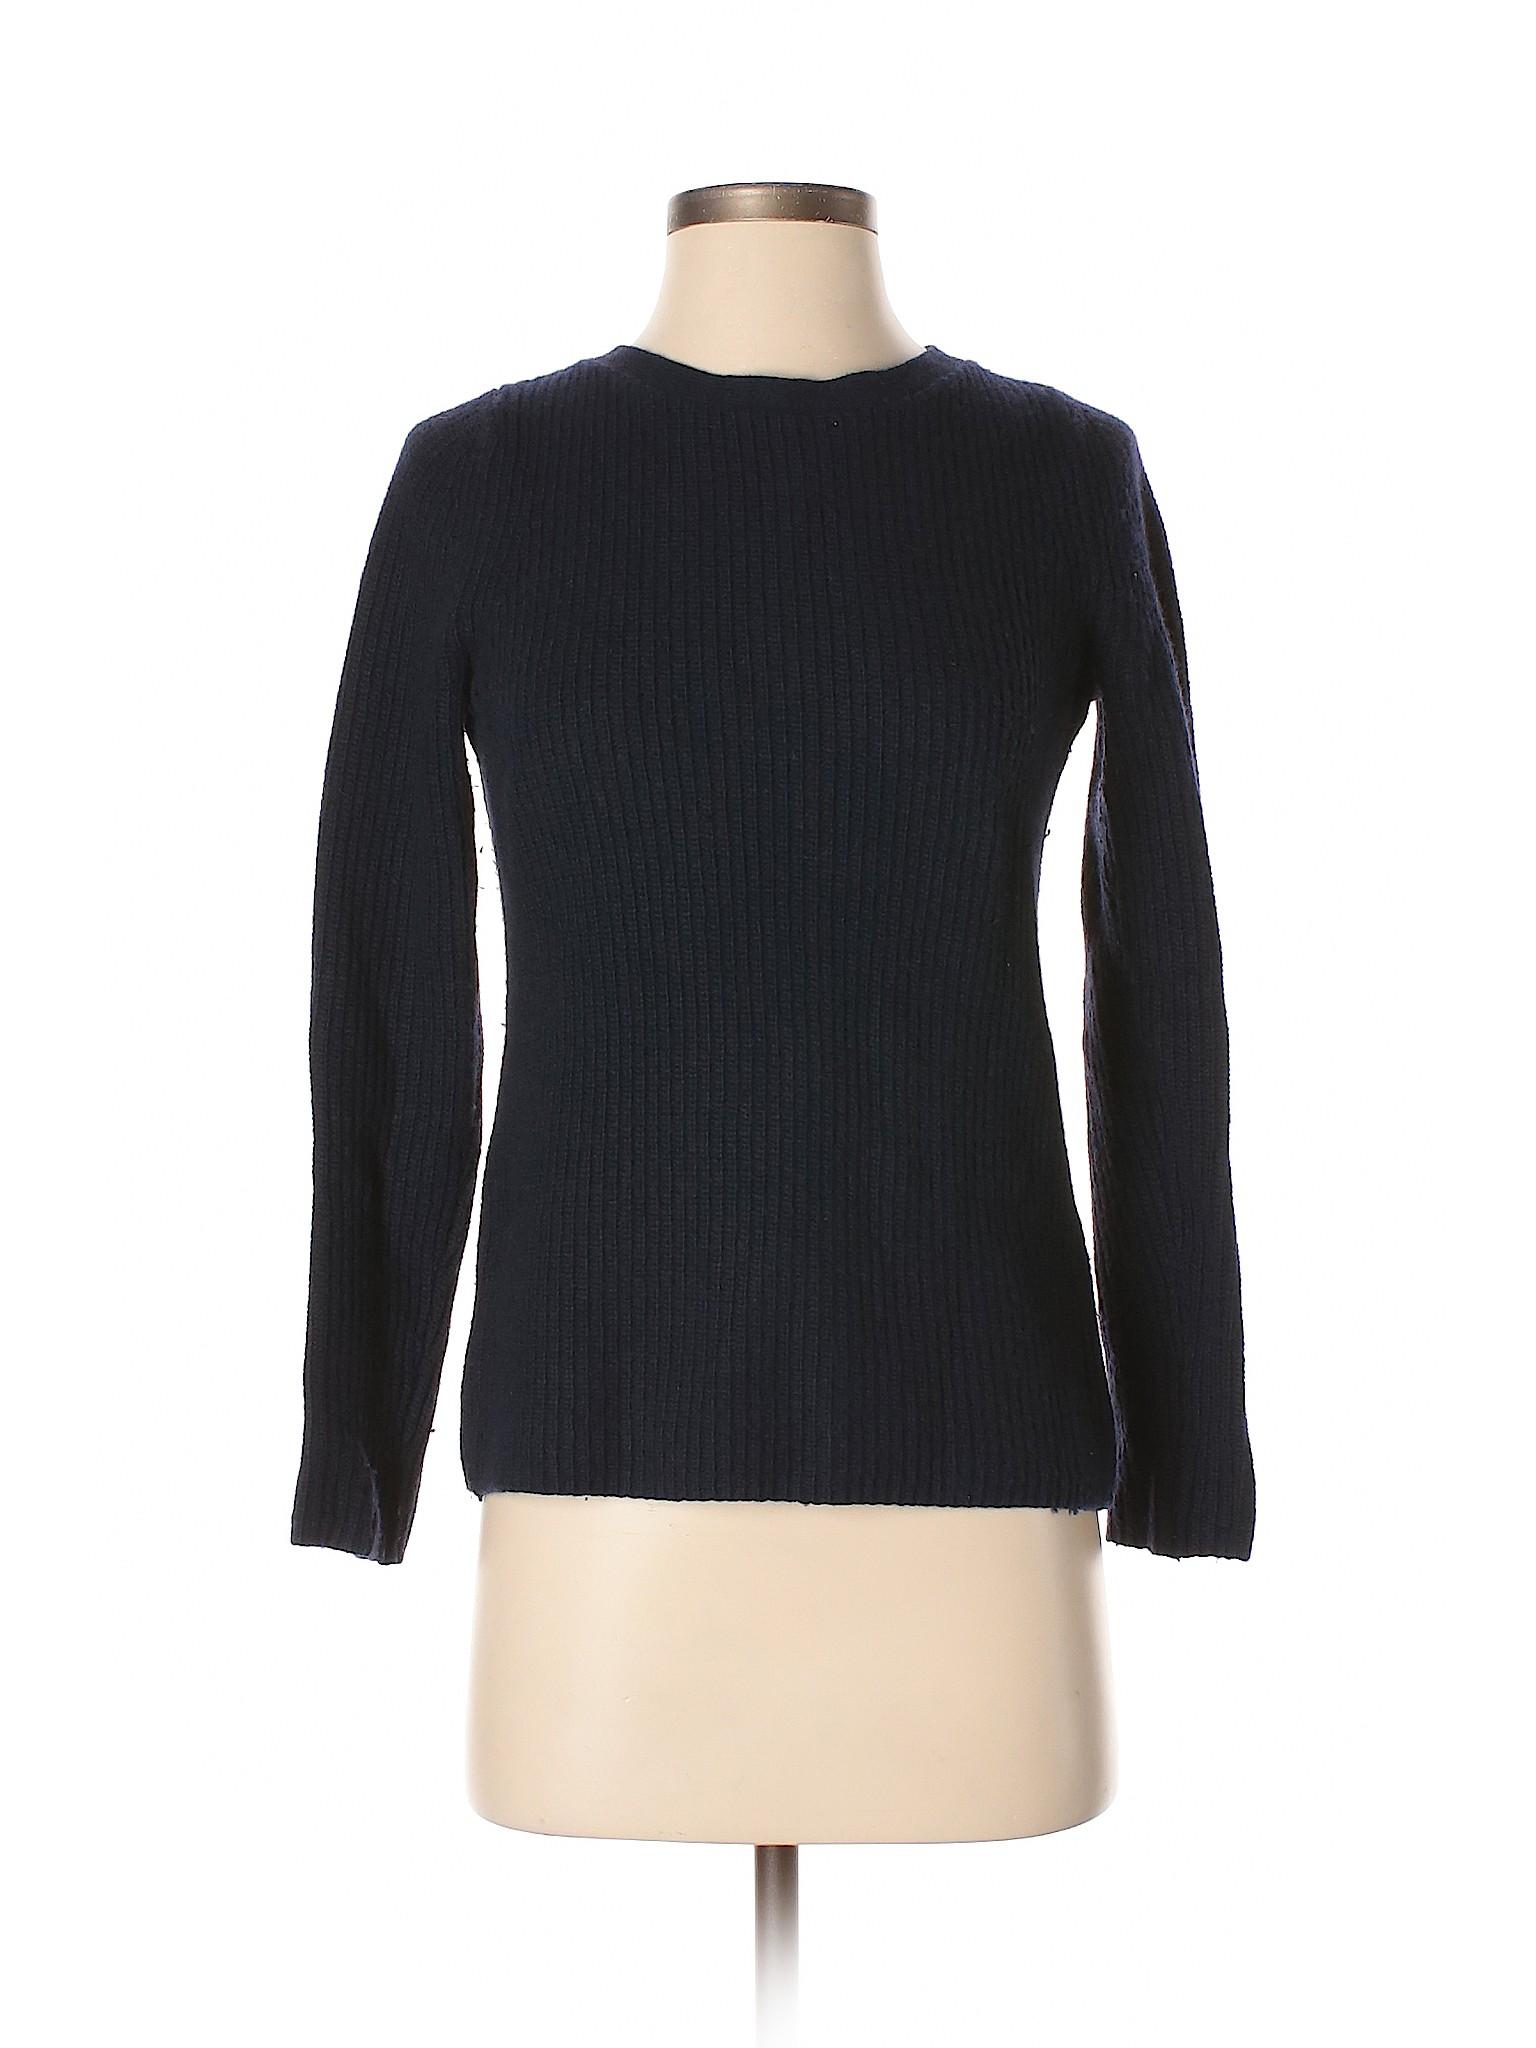 winter Republic Sweater Pullover Banana Boutique Hawv1Hqd